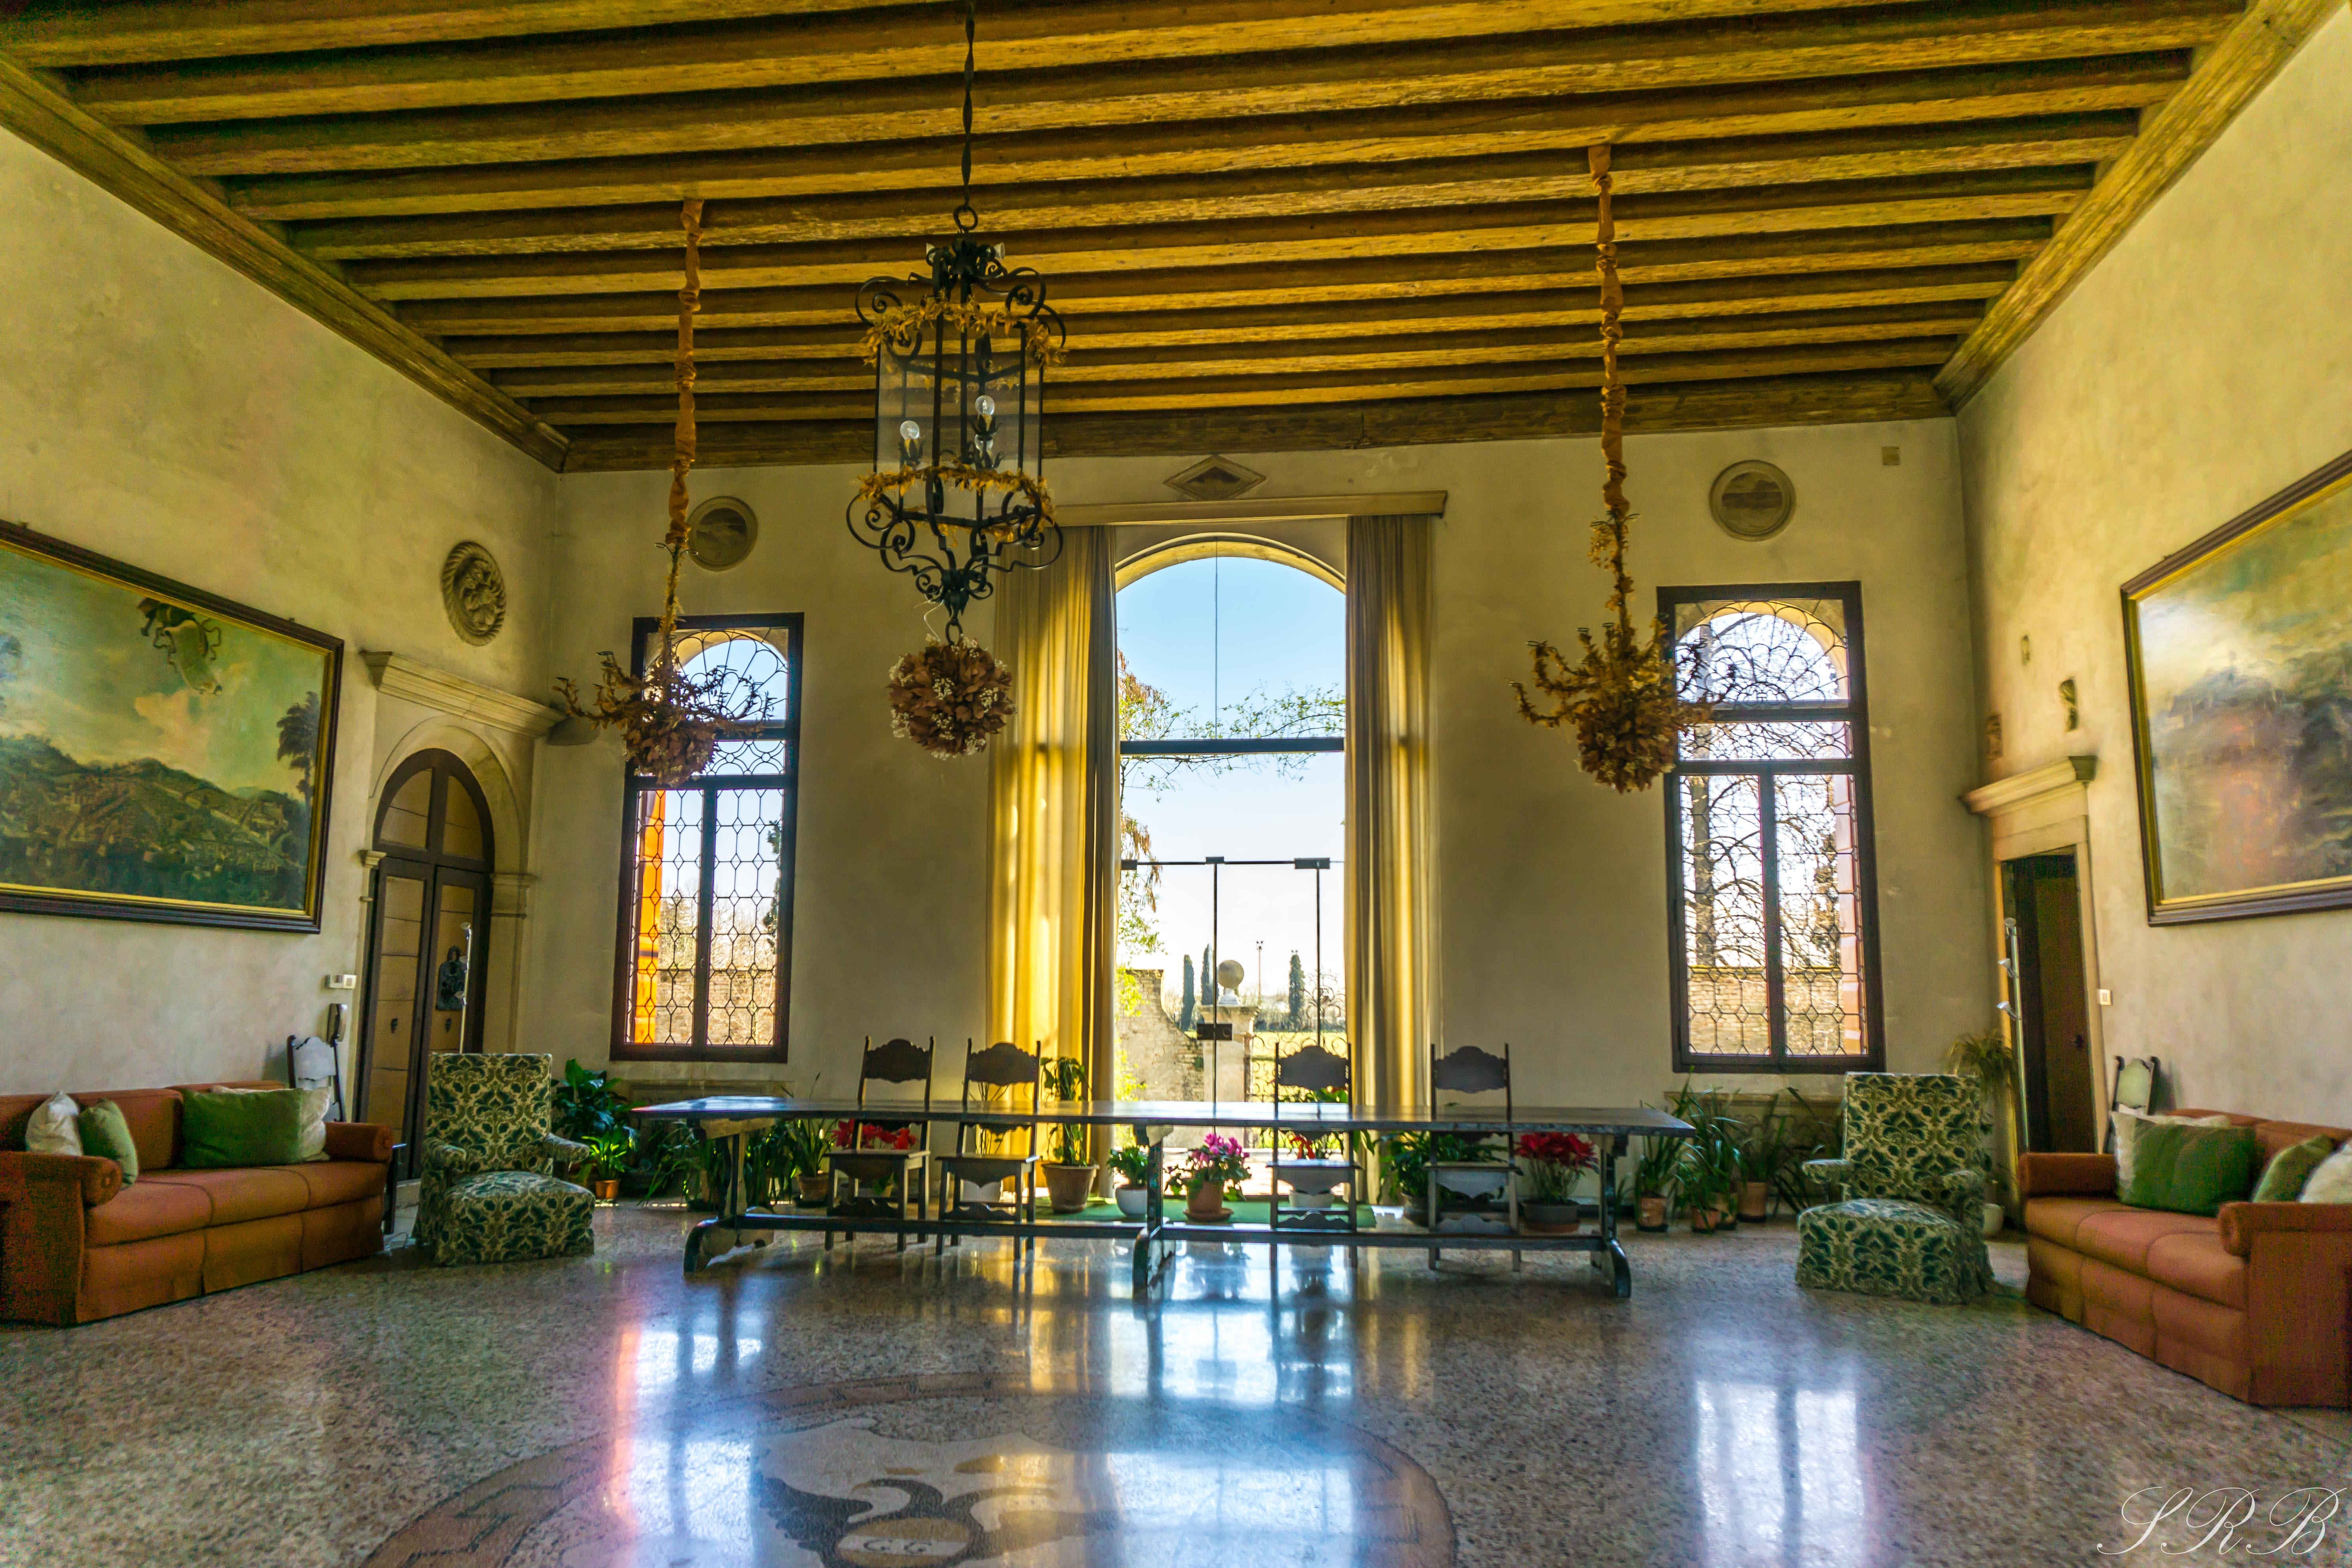 Castello di Rocande, Province of Treviso, Italy